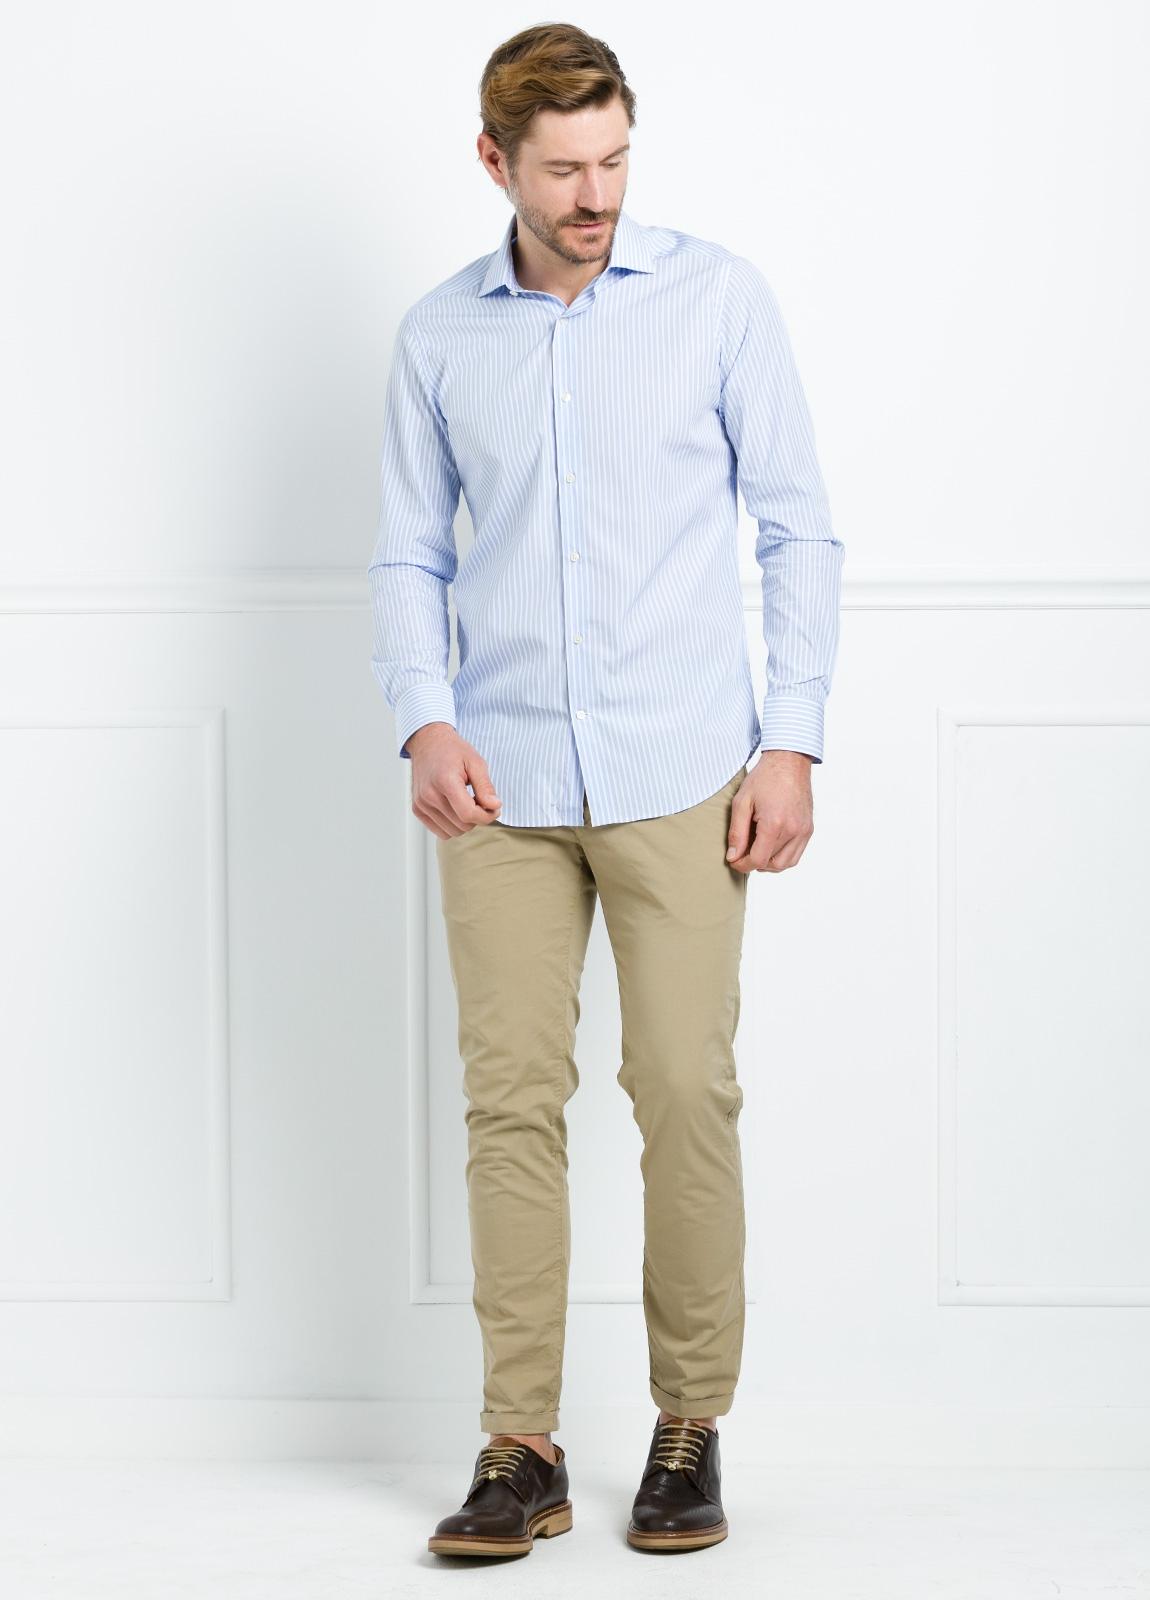 Camisa Formal Wear SLIM FIT cuello italiano modelo ROMA color blanco con micro dibujo color azul. 100% Algodón. - Ítem2